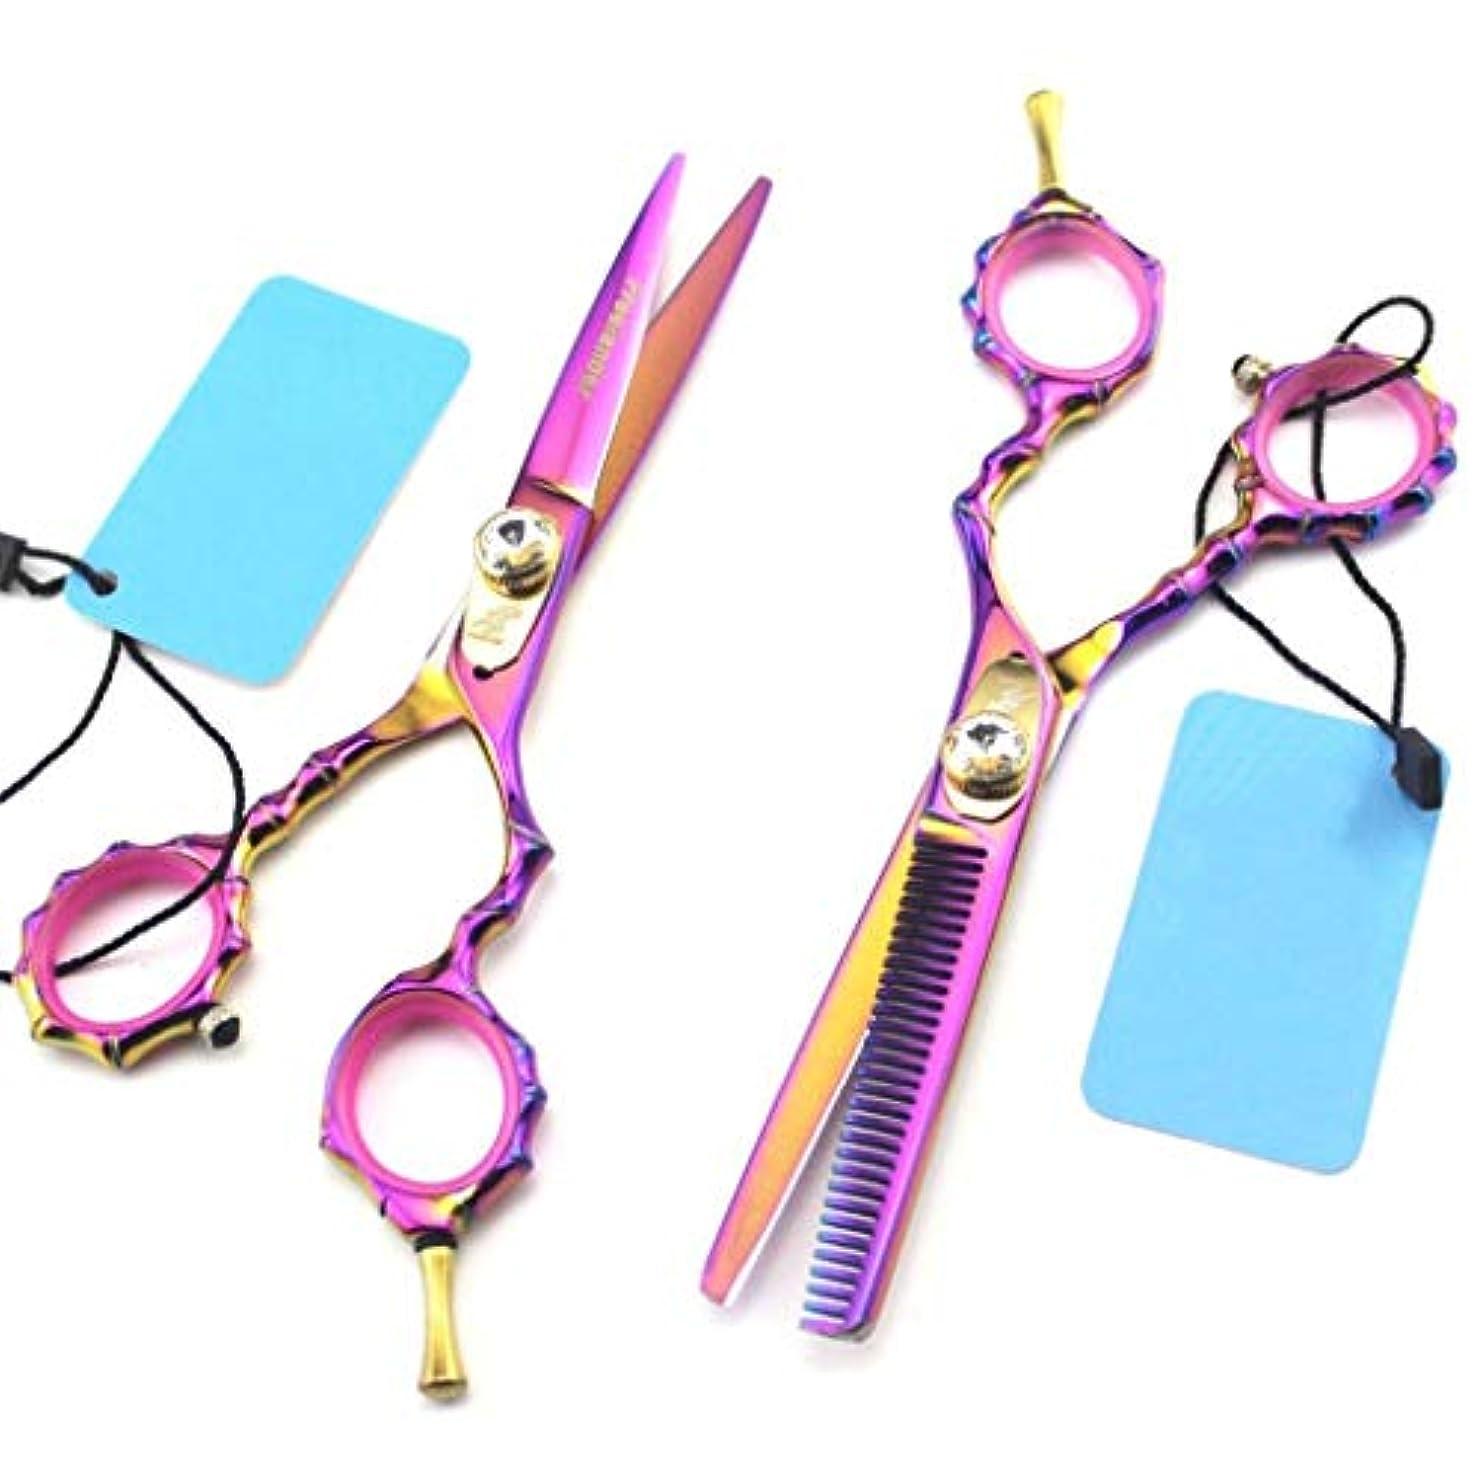 十分なハンディ性別5.5インチ左手プロフェッショナル440Cステンレス鋼サロンヘアカットシザーと間伐せん断パーソナライズデザイン竹のハンドル左利きの美容師に最適 (Color : Purple)